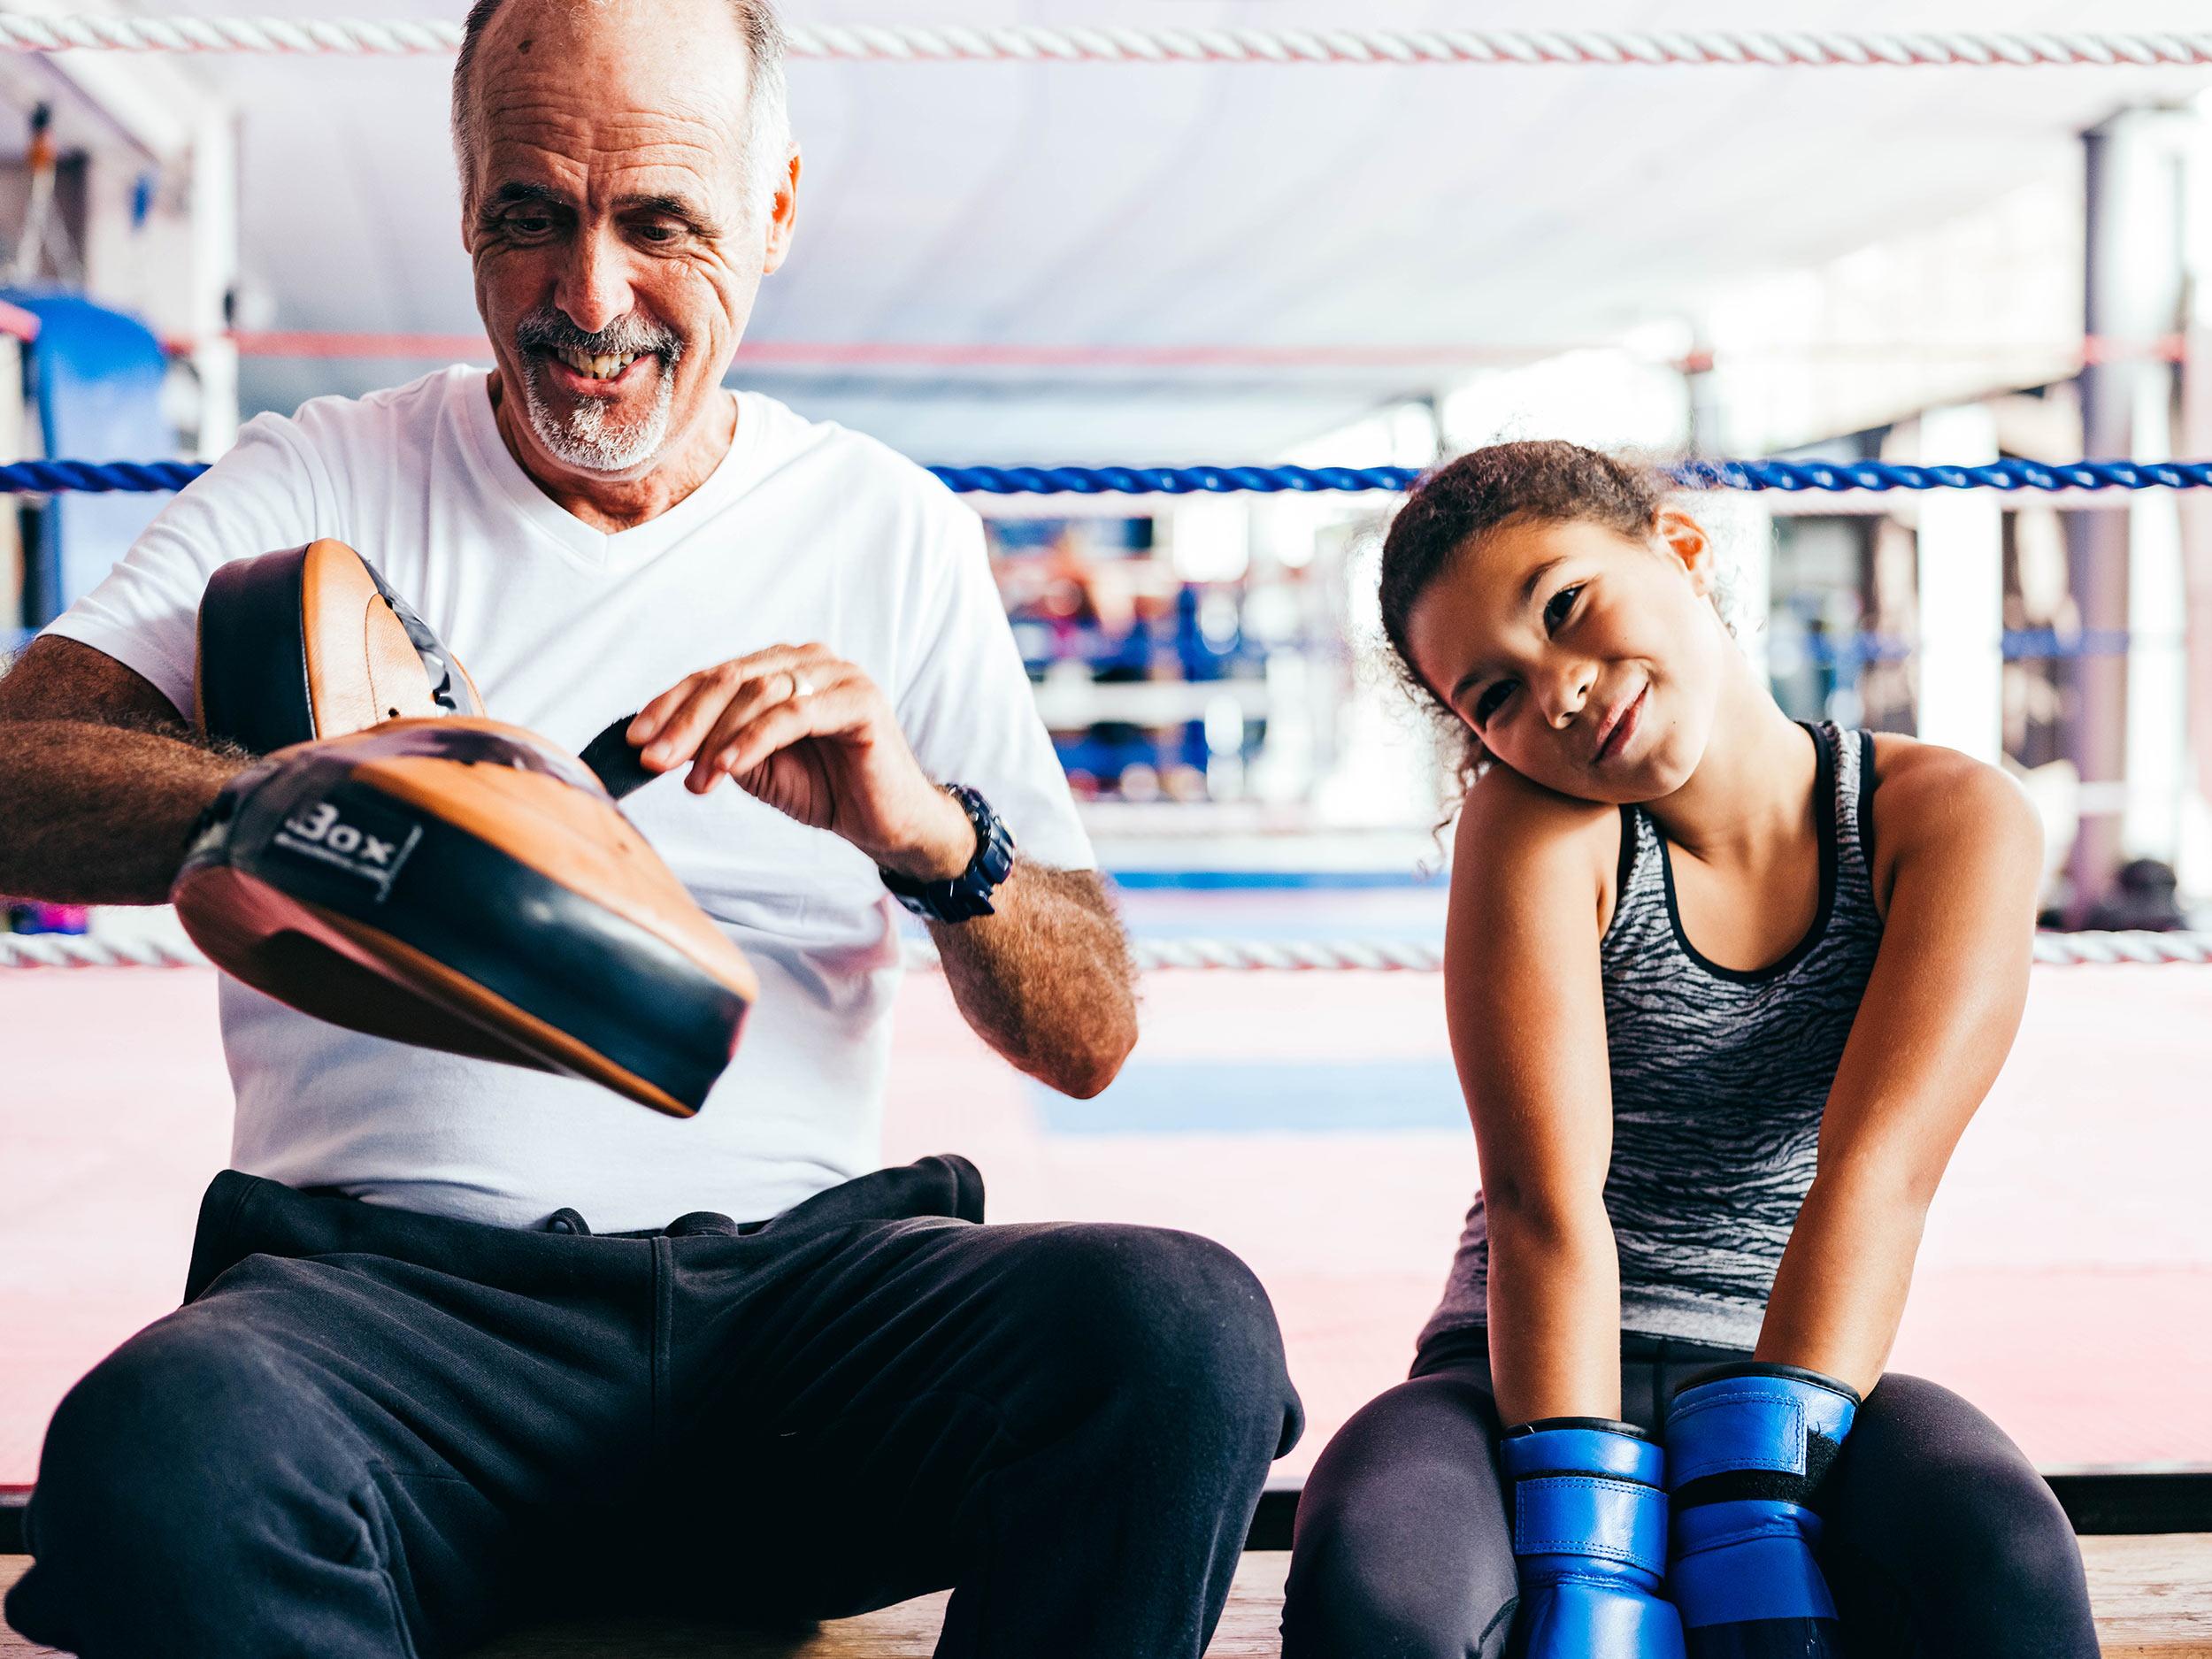 08.14---Getty-Boxing-_0038_04221.jpg